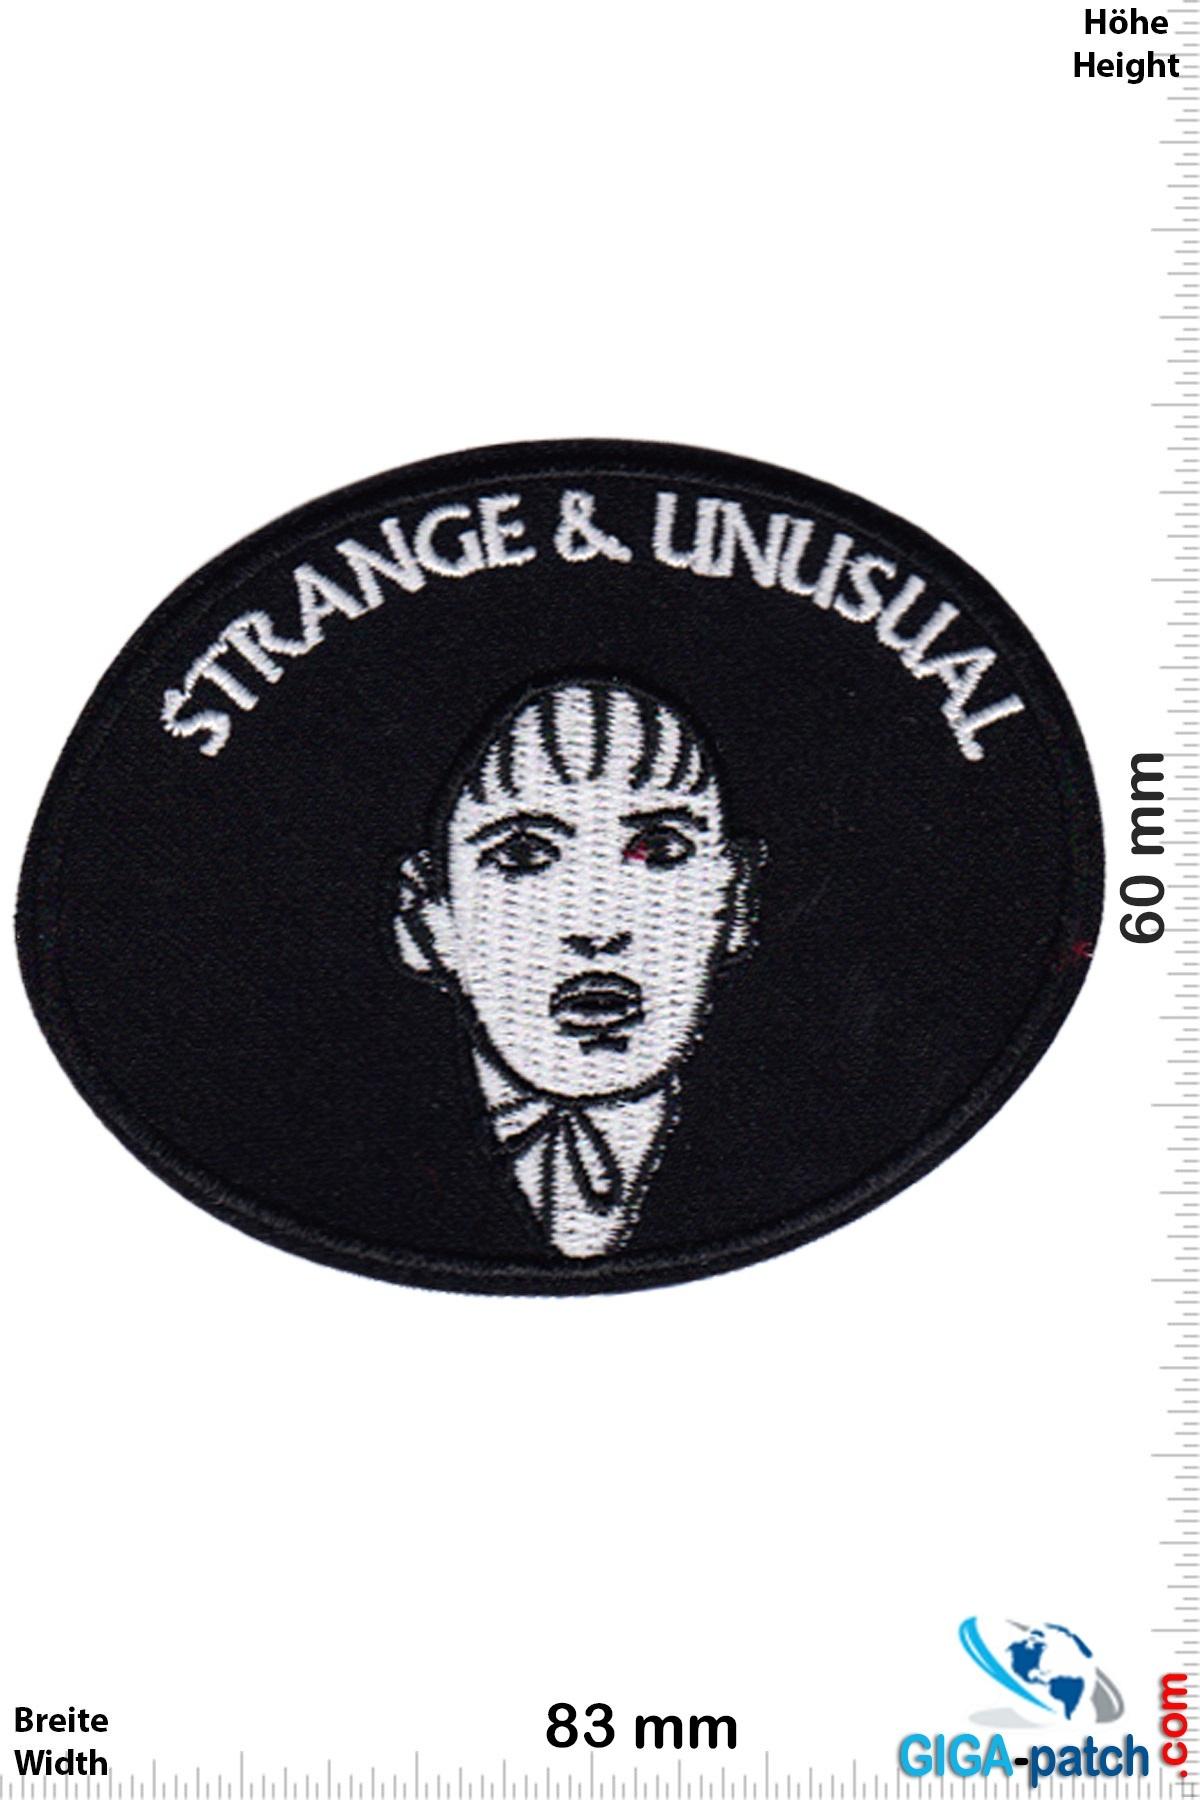 Fun Strange & Unusual